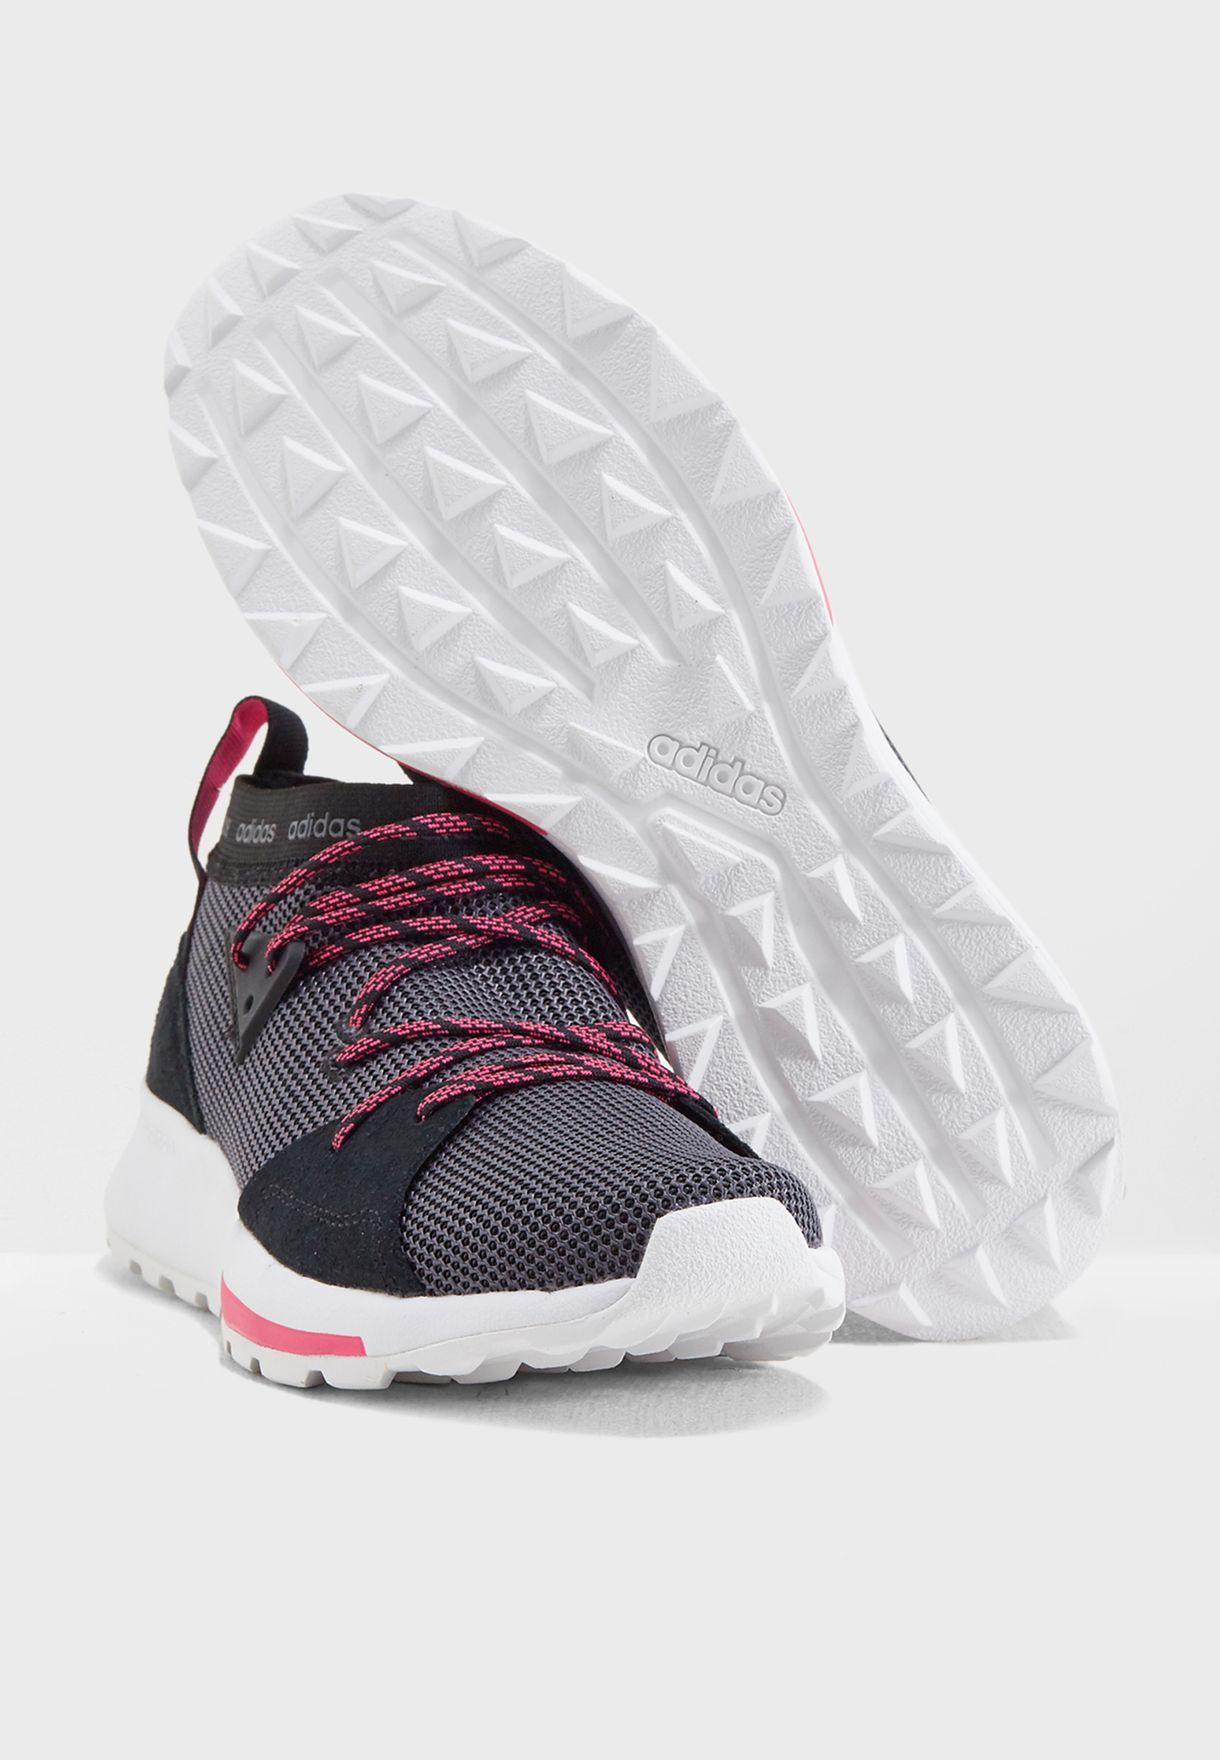 70d68f167 تسوق حذاء كويسا ماركة اديداس لون رمادي B96520 في السعودية - AD476SH69RSW